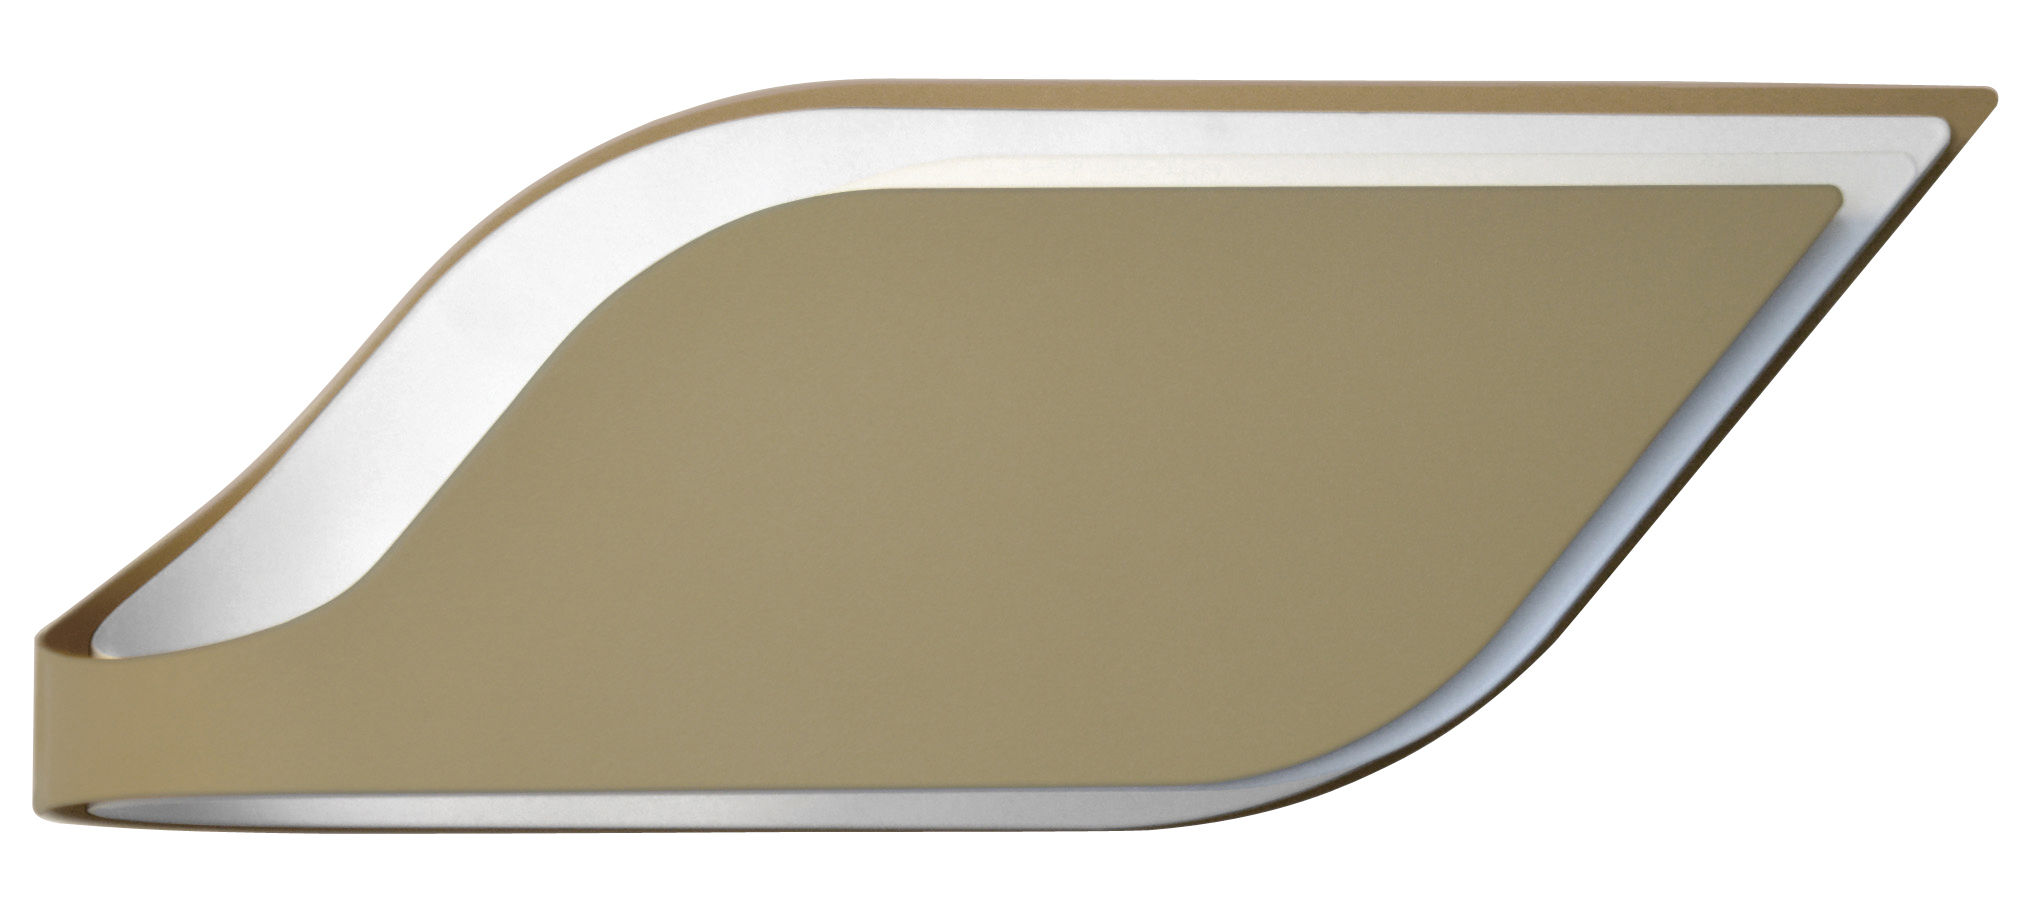 Leuchten - Wandleuchten - Foliage Wandleuchte / Deckenleuchte - L 38 cm - Lumen Center Italia - Außen grau / innen weiß - Aluminium